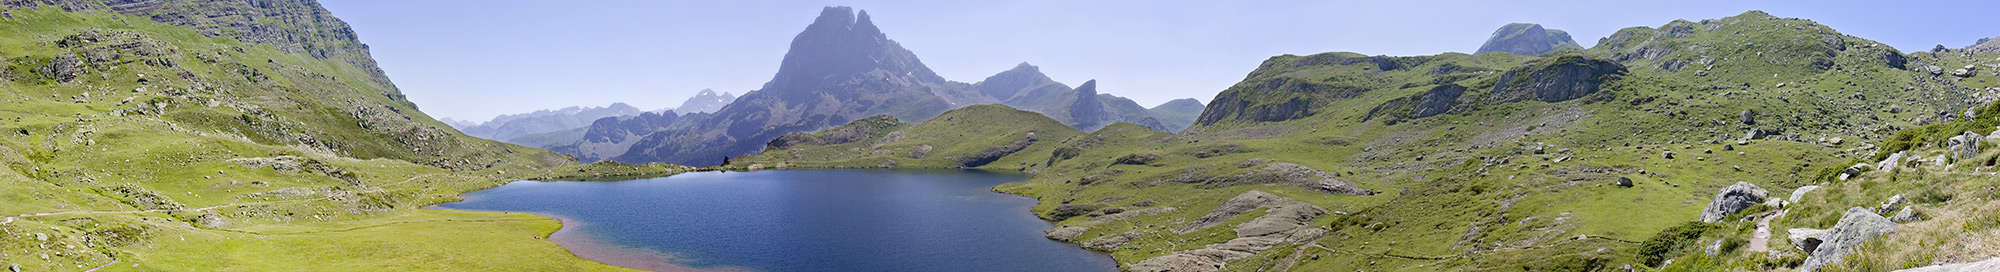 Week-end et séjour dans les Pyrénées